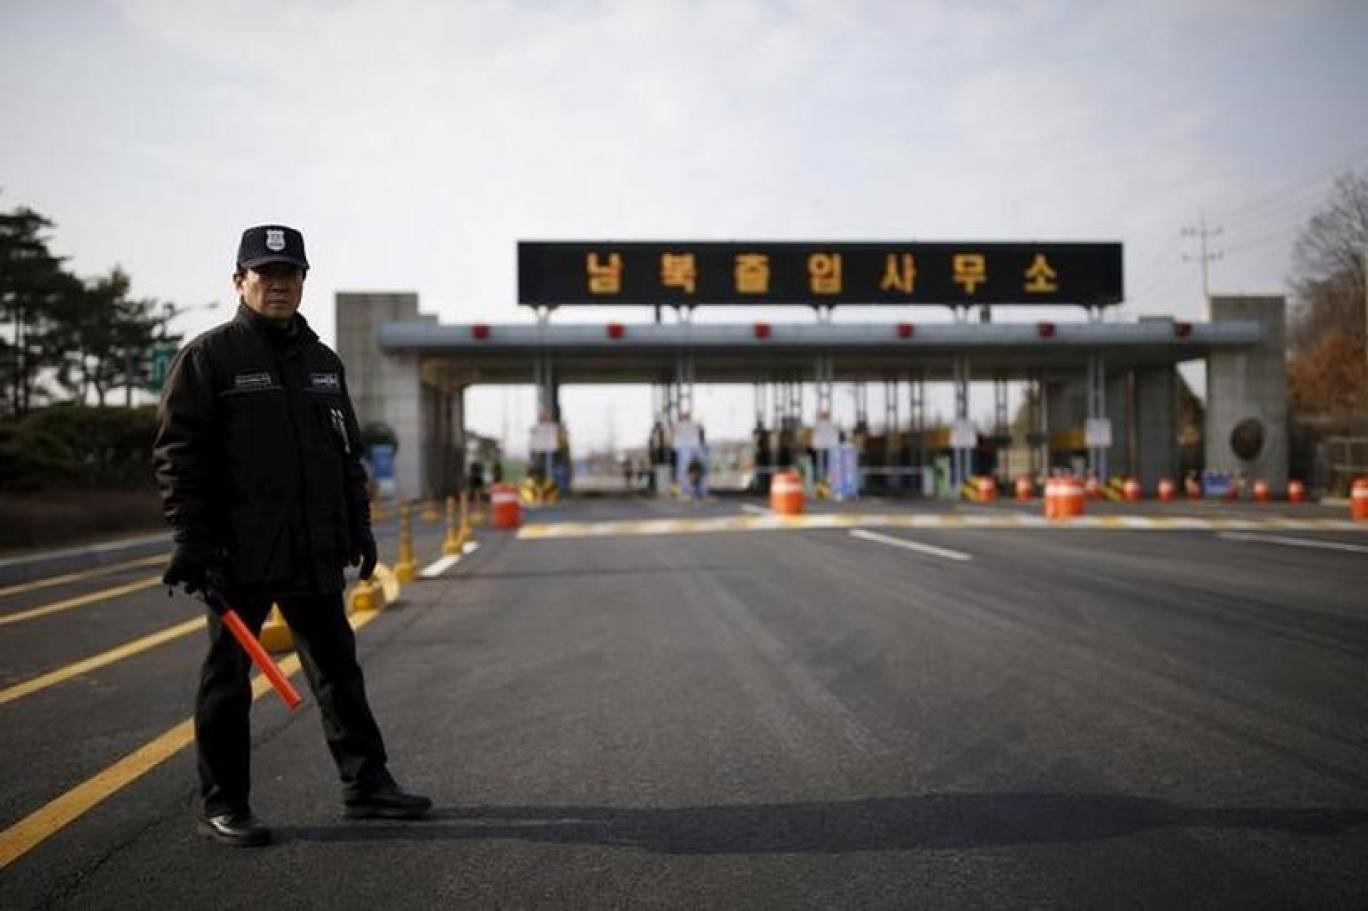 Kuzey Kore İlk Defa Korona Vakası Şüphesi Açıkladı: 'Durum Kritik'